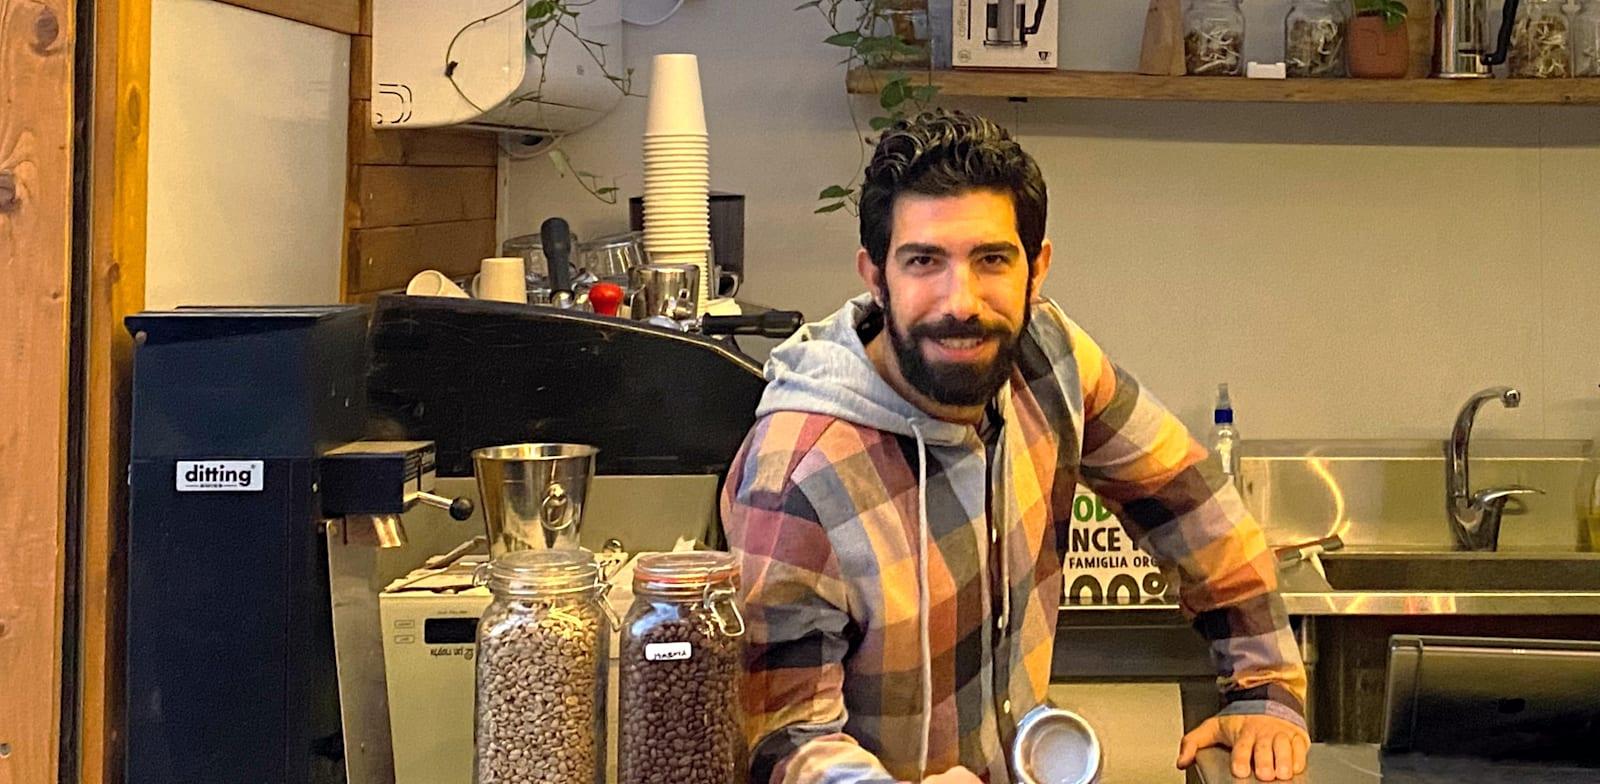 אסי לוי, בעלים משותף של בר קפה נעורים בכרכור / צילום: אביעד הר־טל